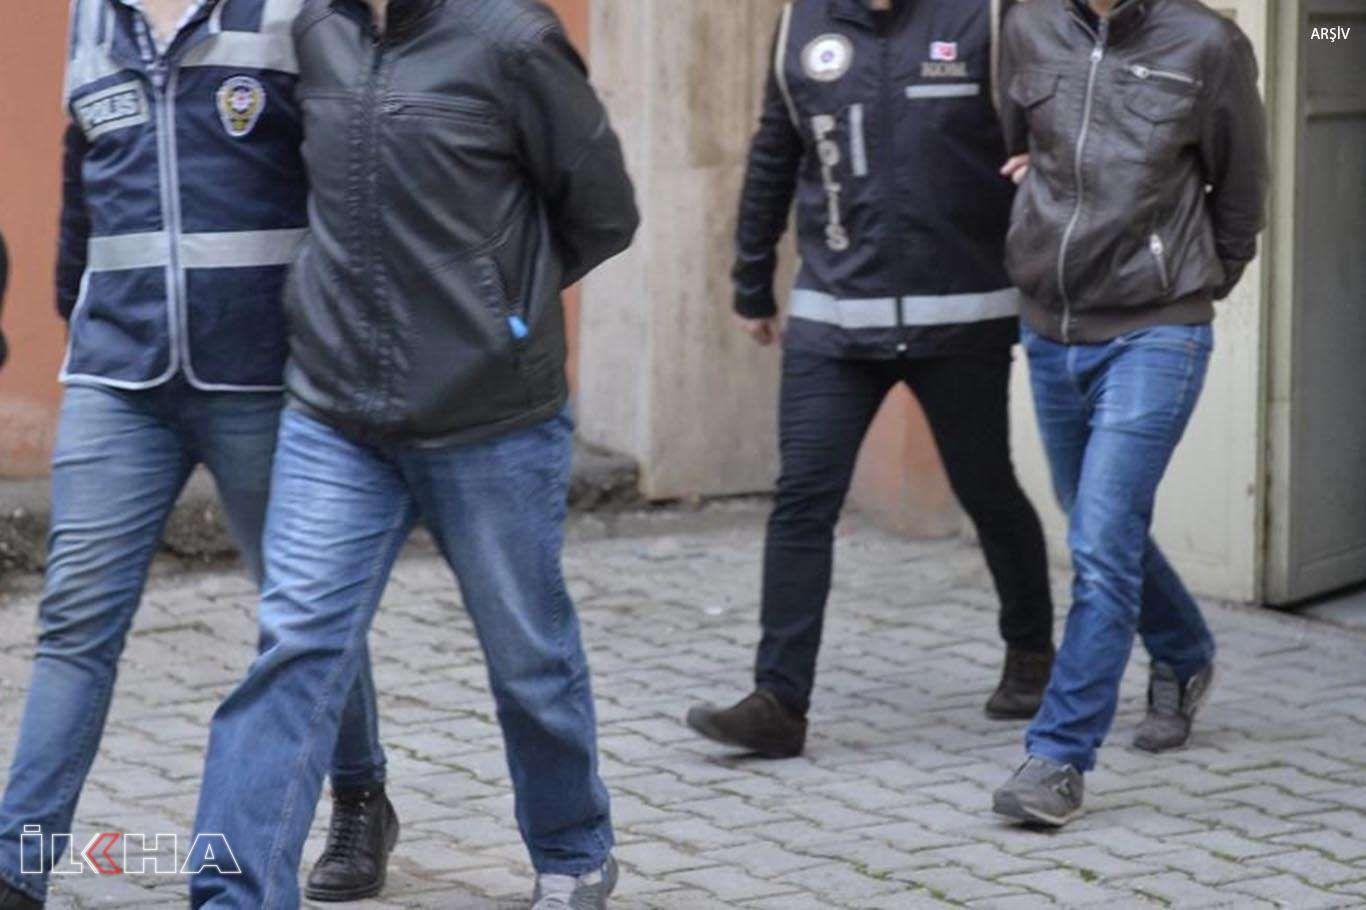 Mardin'de bir kişinin öldürüldüğü silahlı saldırıya ilişkin 3 kişi tutuklandı